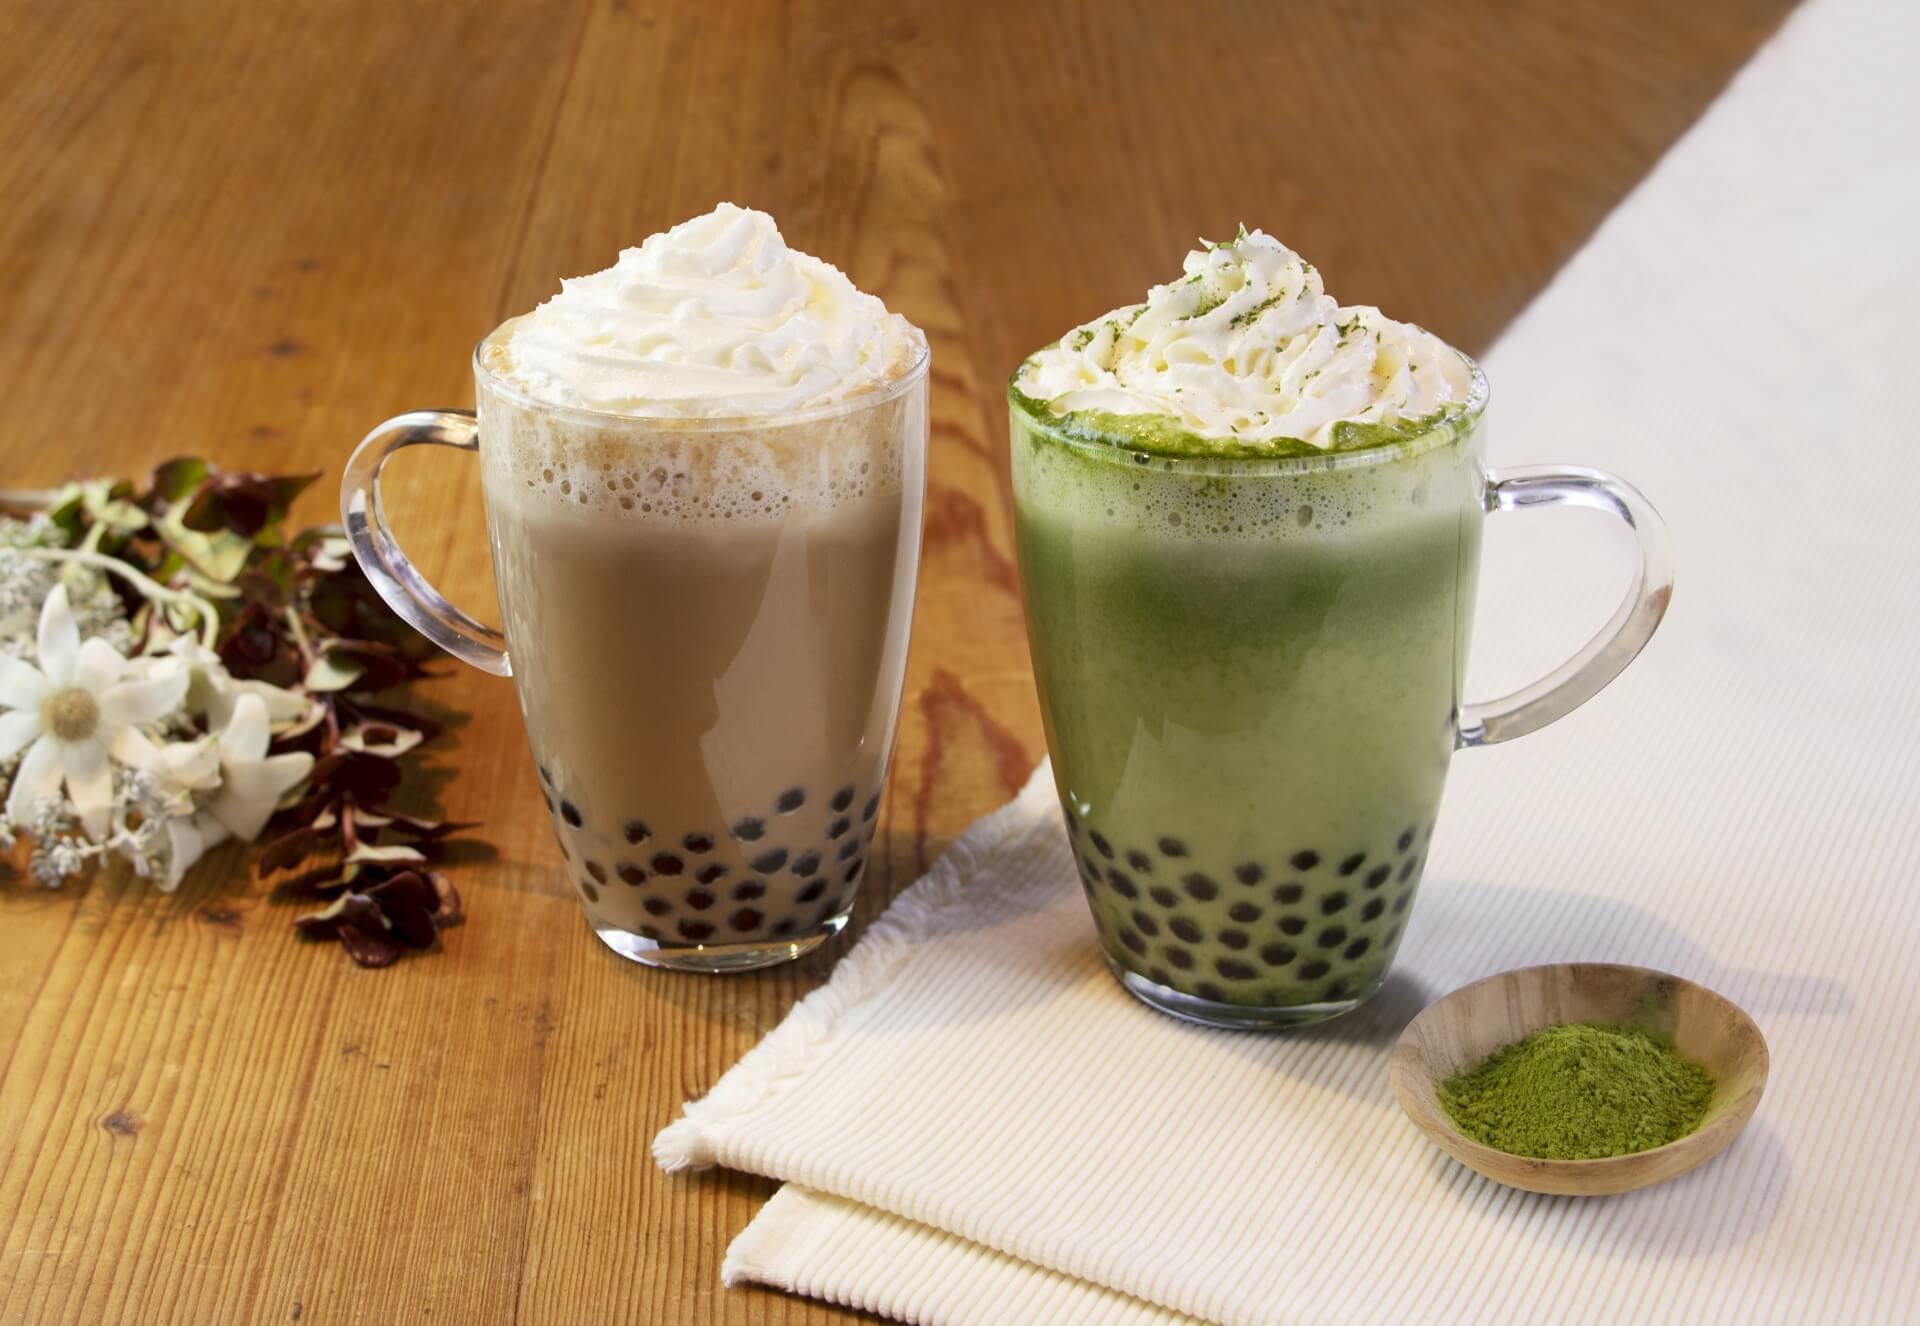 珍珠奶茶起源店春水堂 白巧克力抹茶登場 咖啡廳、抹茶_、春水堂_、